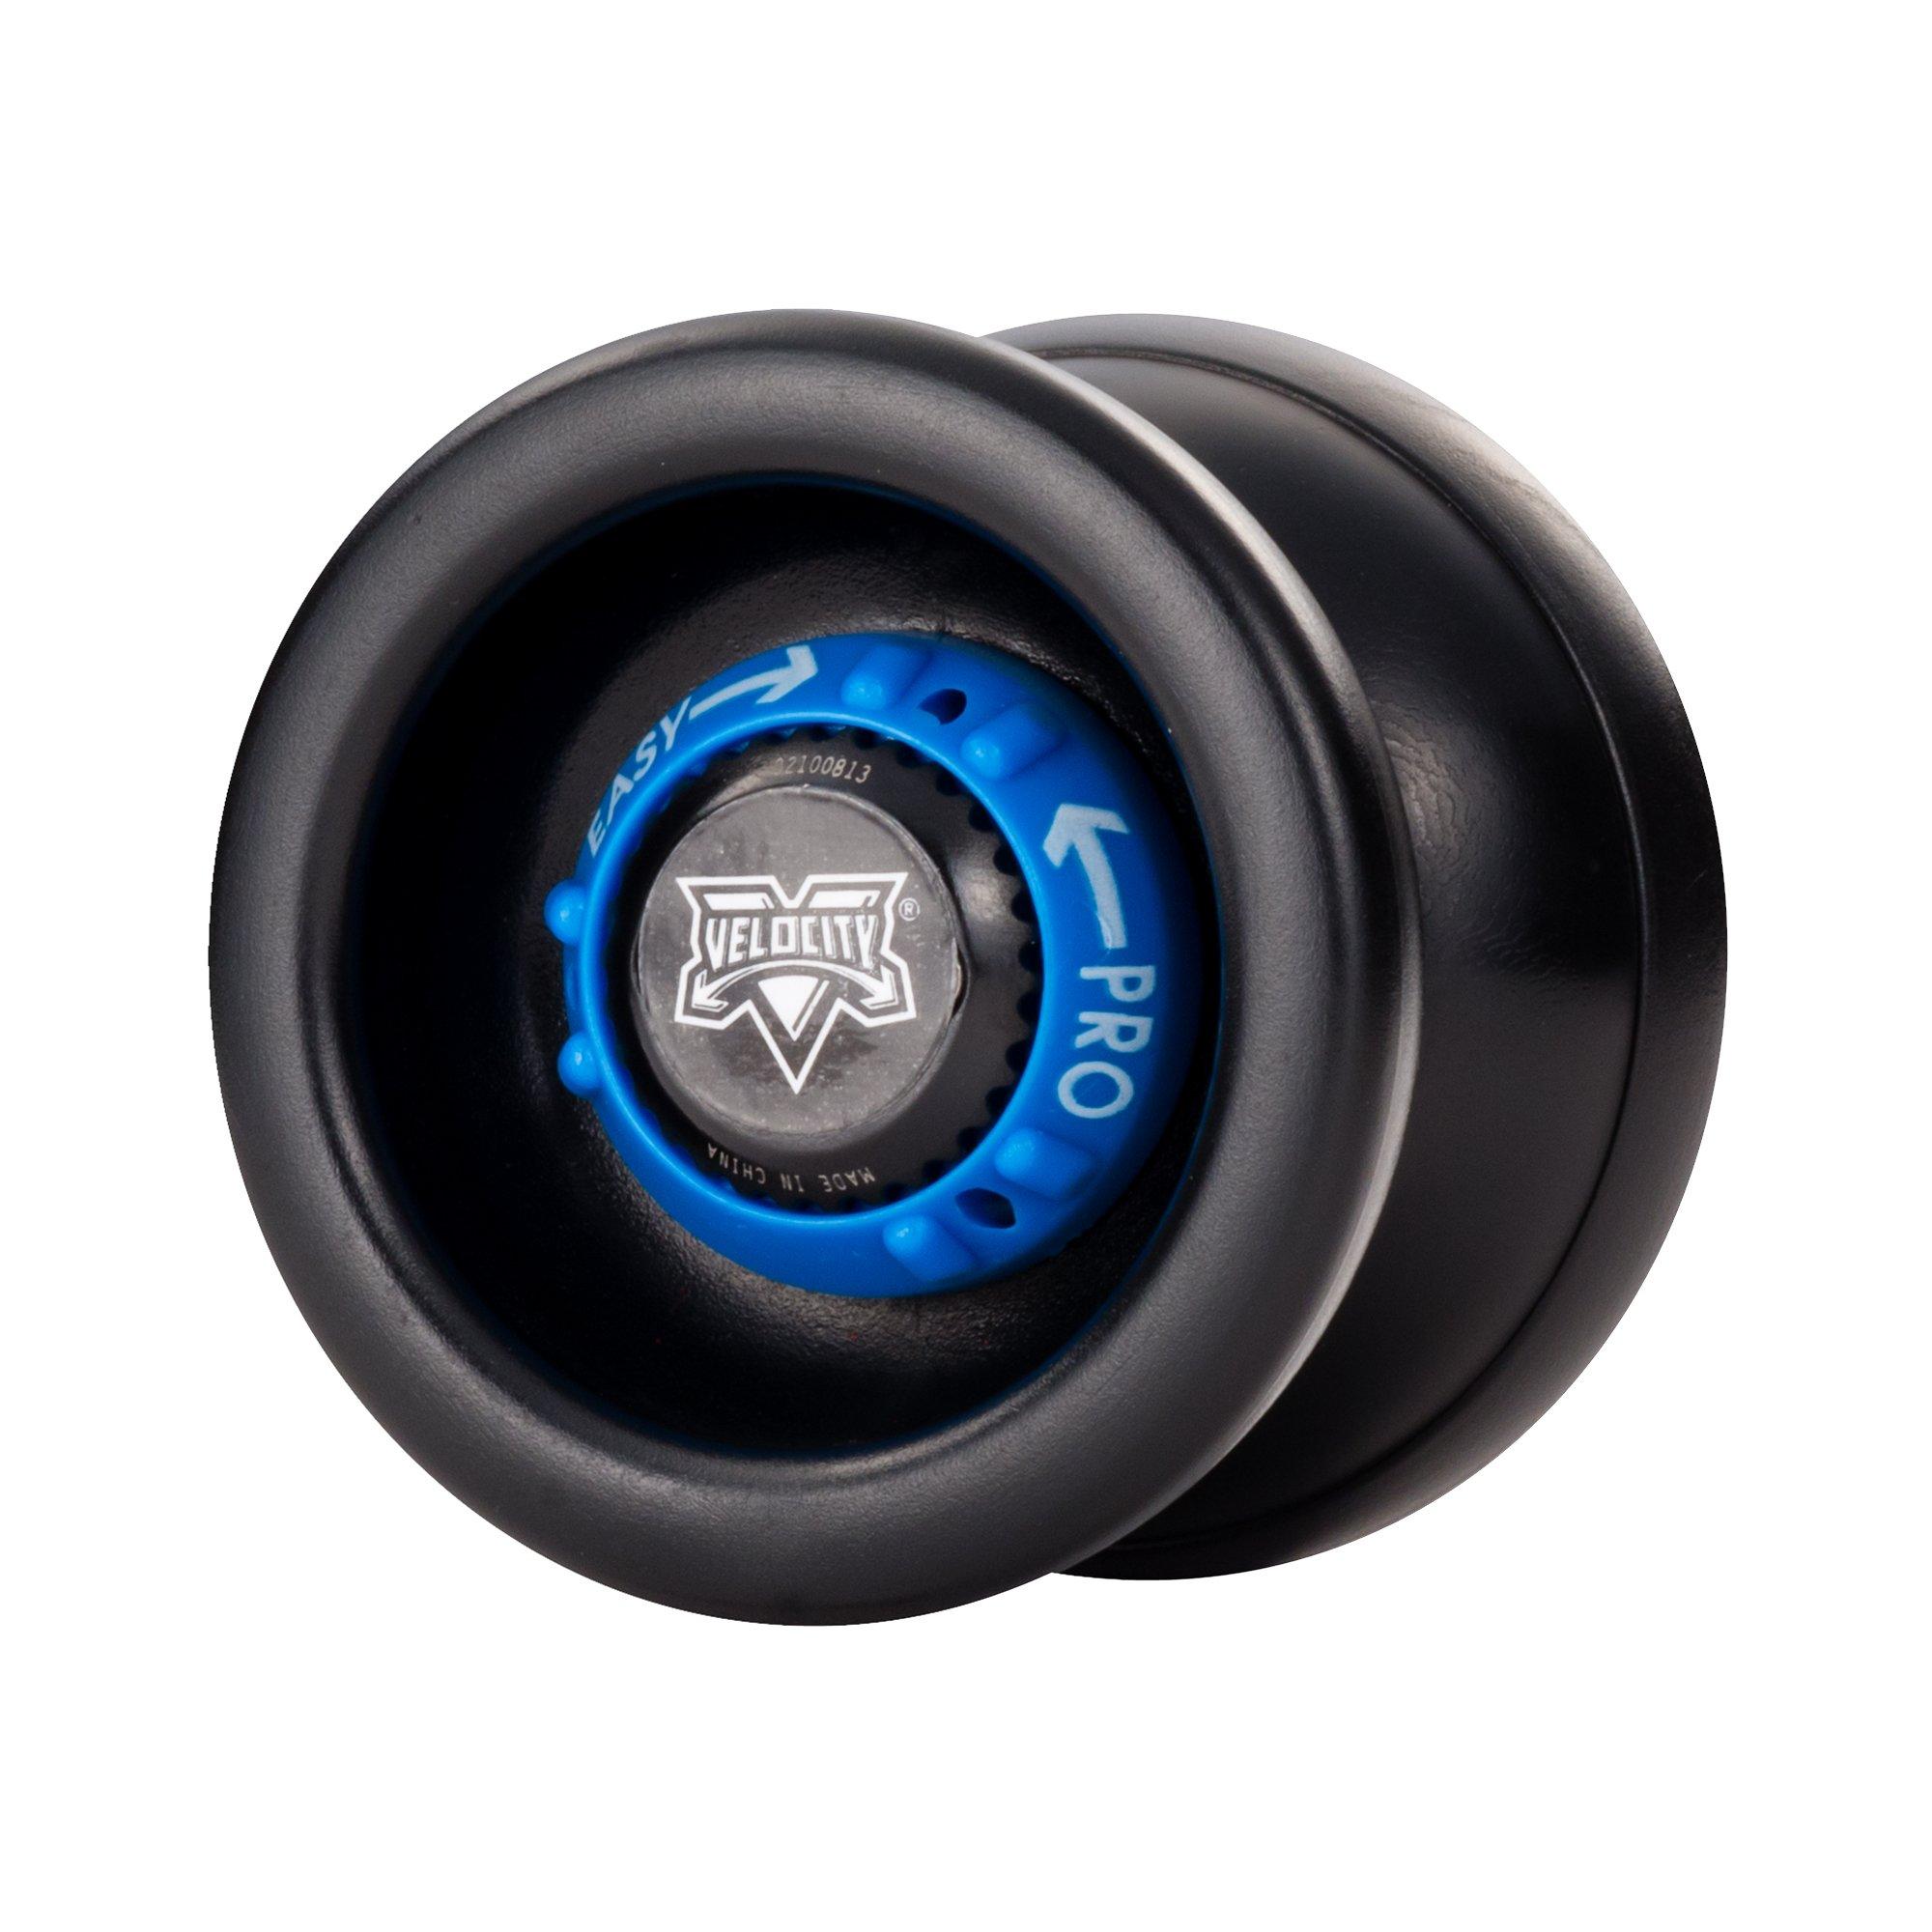 YoYoFactory Velocity Adjustable YoYo - Black with Blue Dial